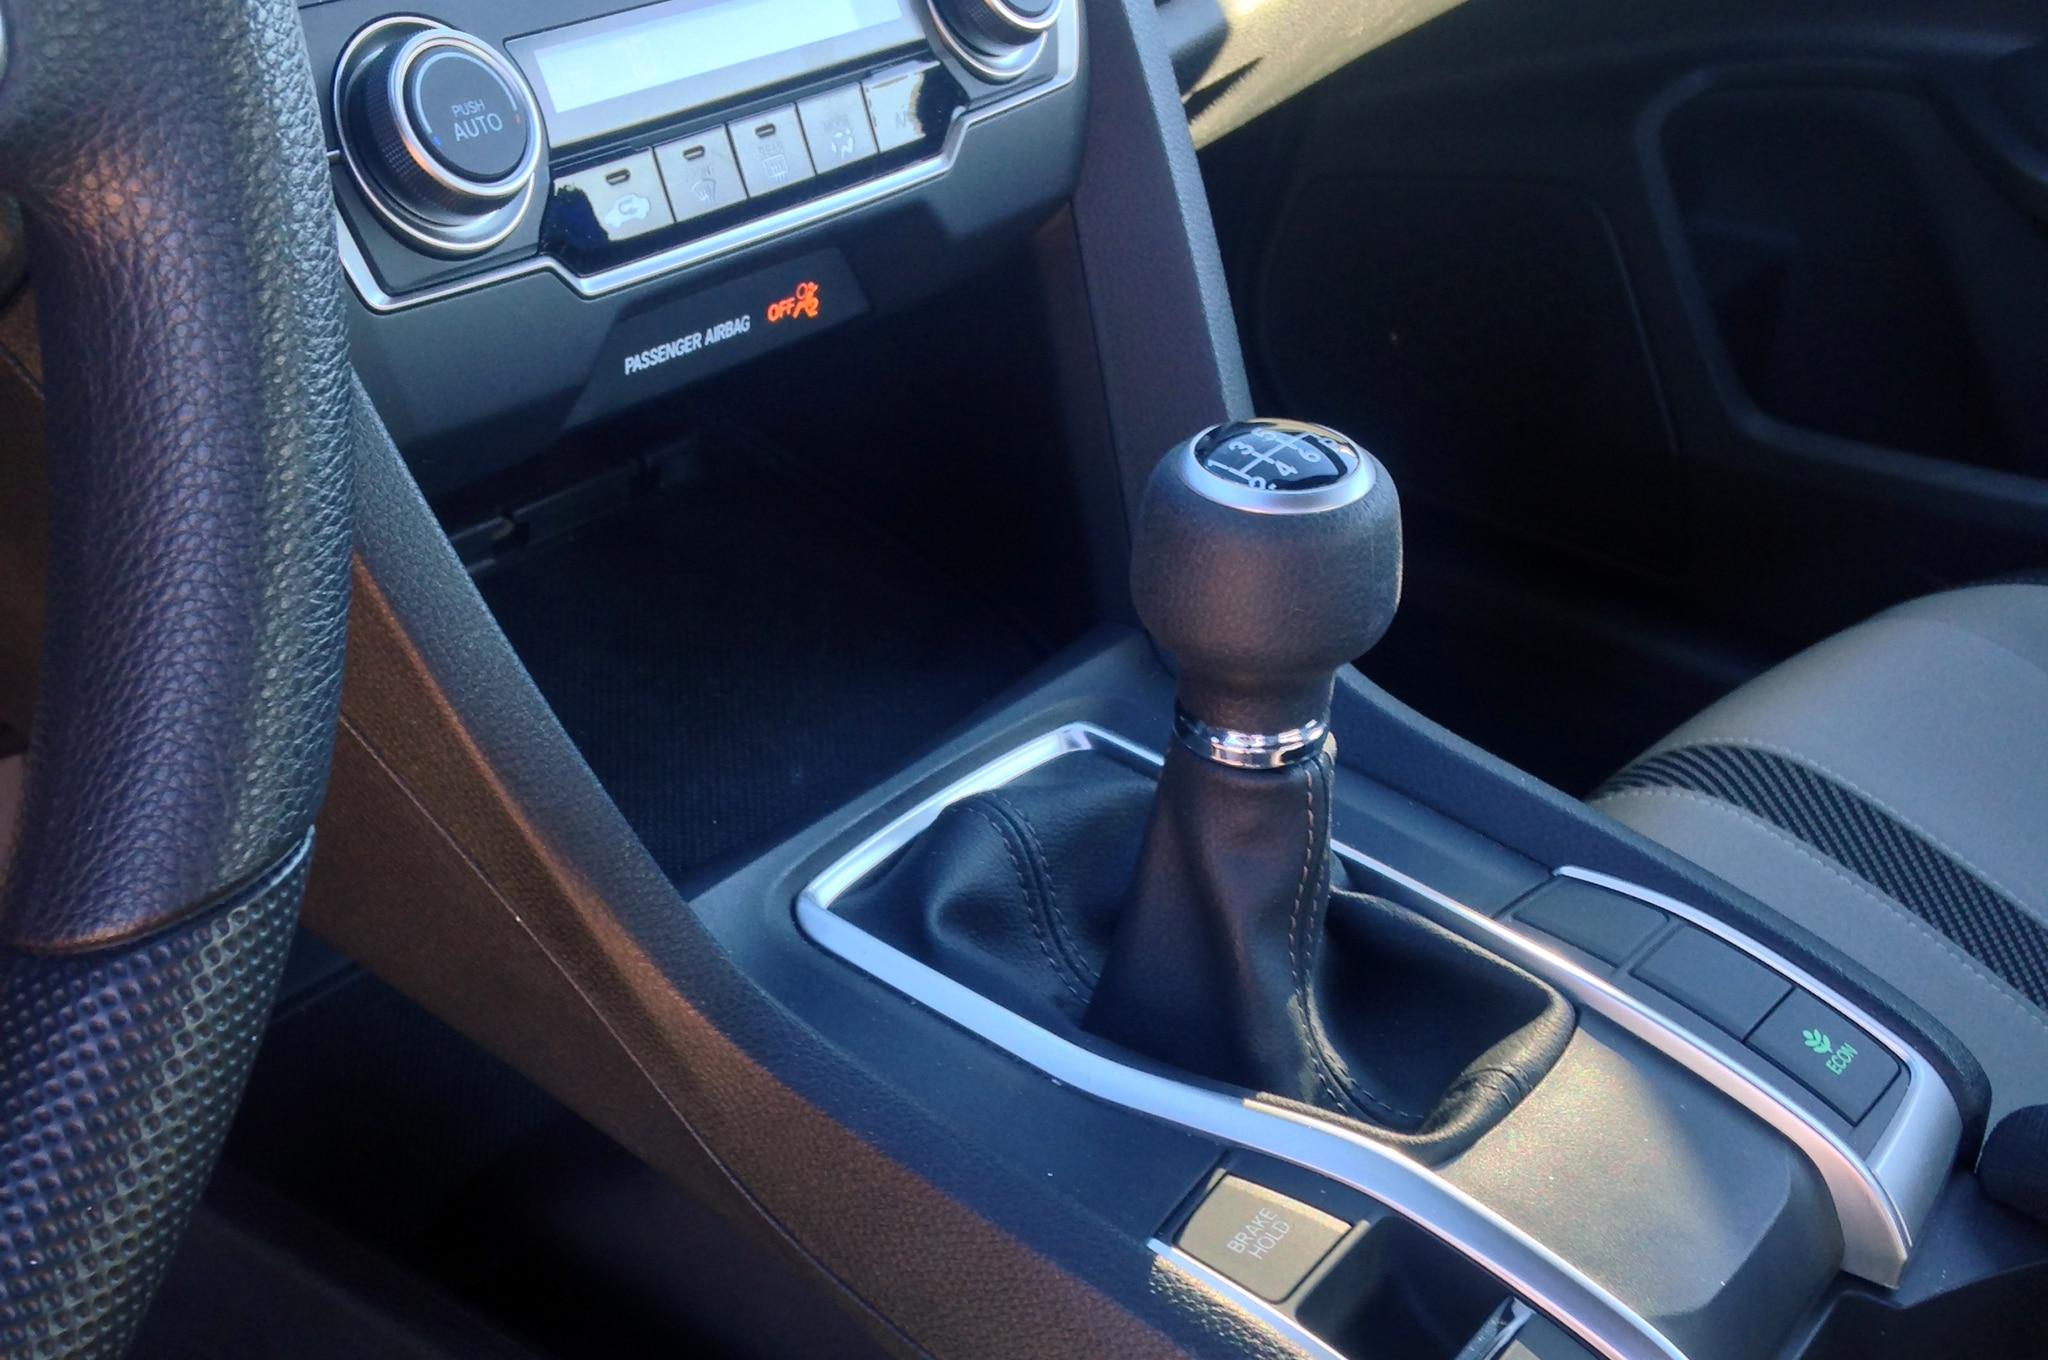 2017 honda civic manual transmission